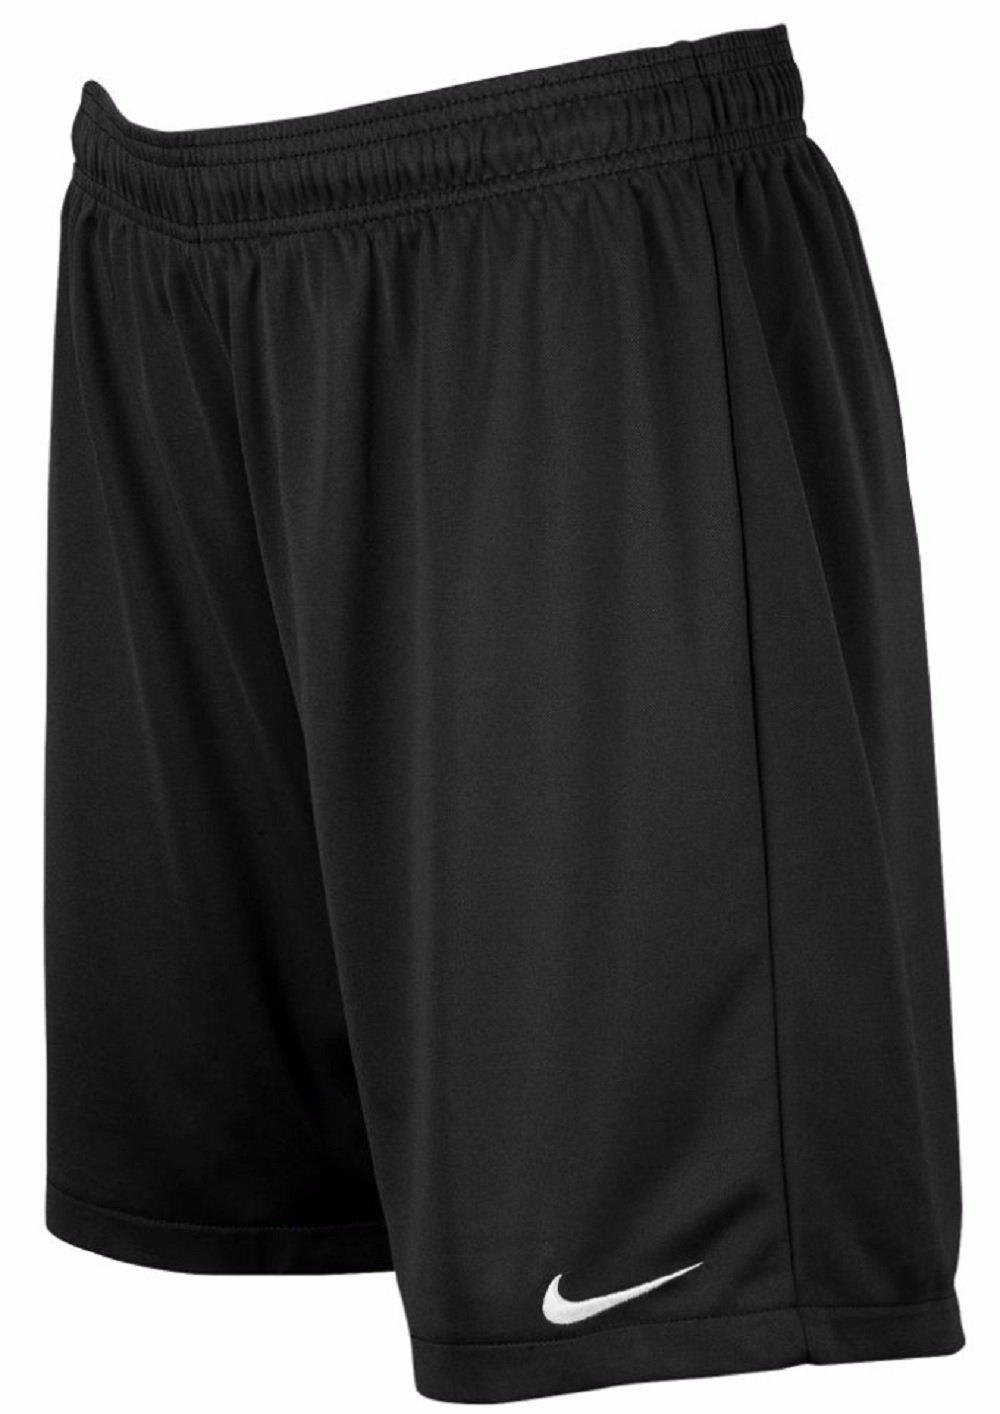 (ナイキ) Nike イコライザー サッカーショーツ レディース B00SN9XV5Q Large|ブラック ブラック Large